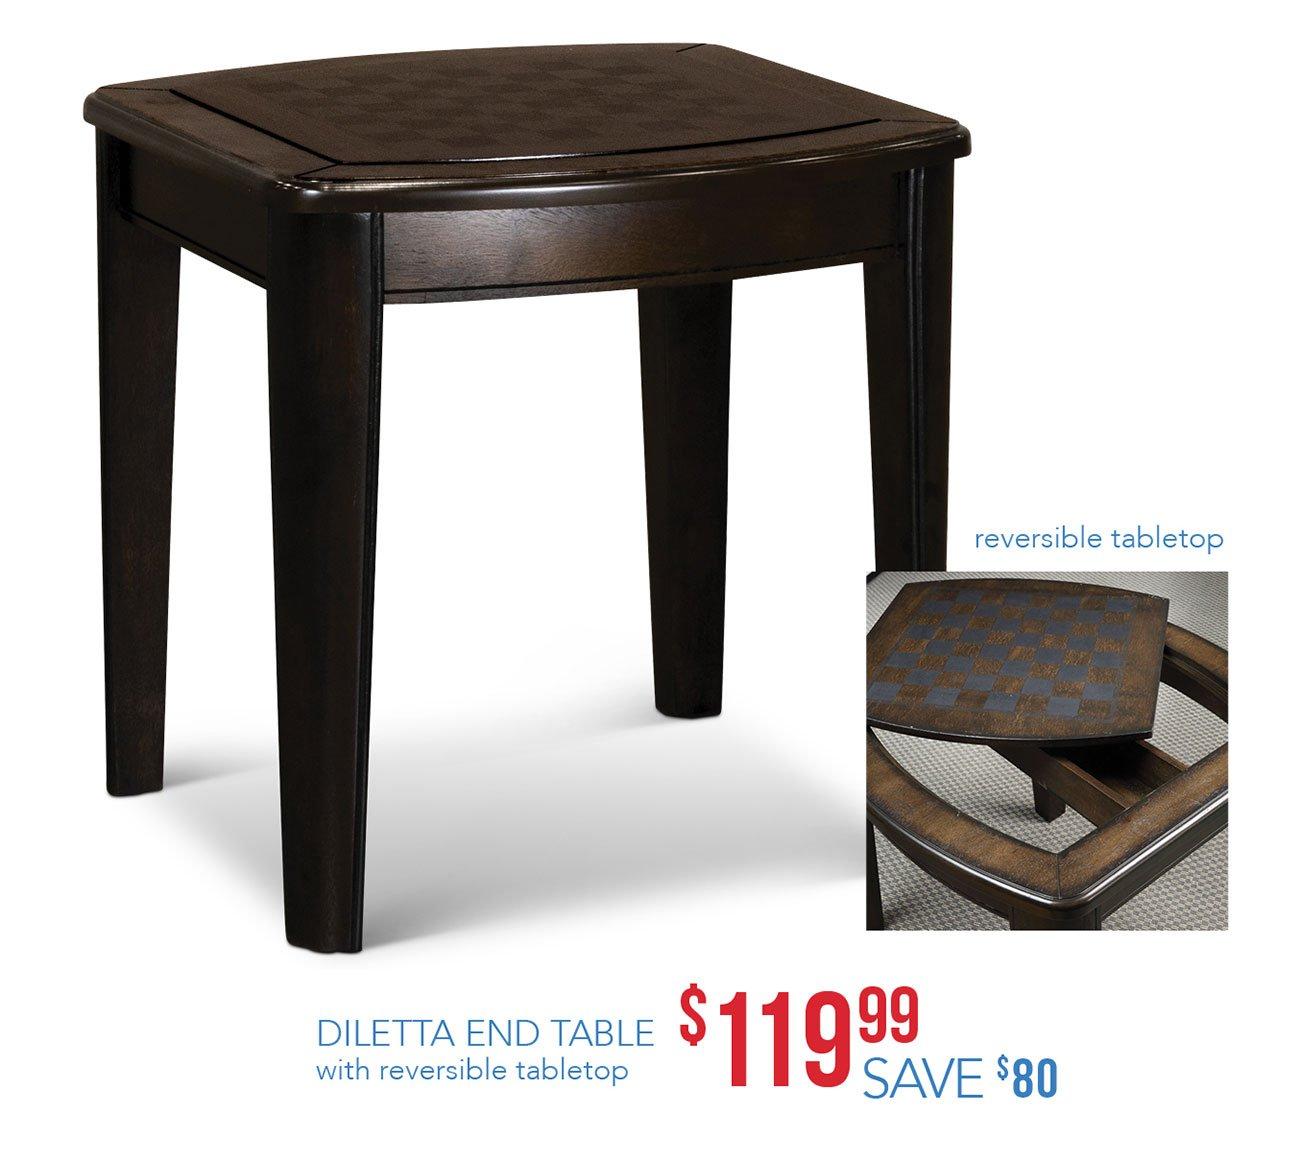 Diletta-end-table